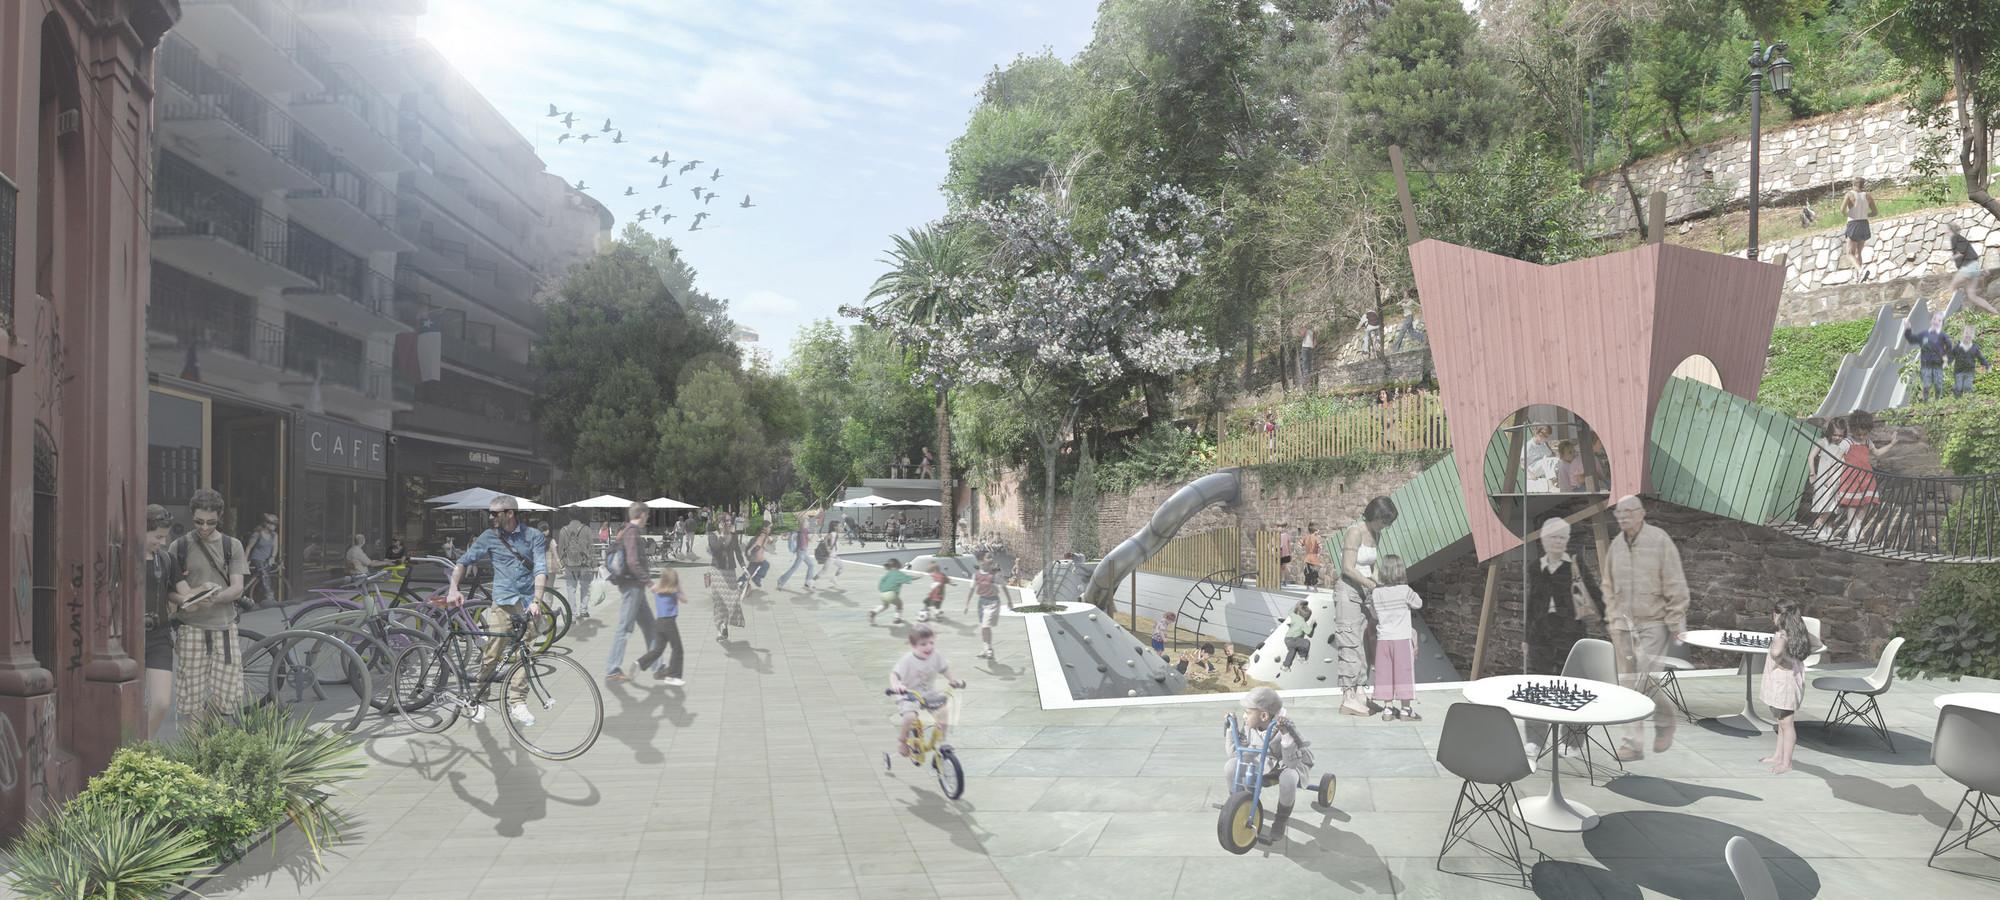 Victoria Subercaseaux peatonalizada. Image Cortesia de Mario Pérez de Arce Arquitectos y Asociados